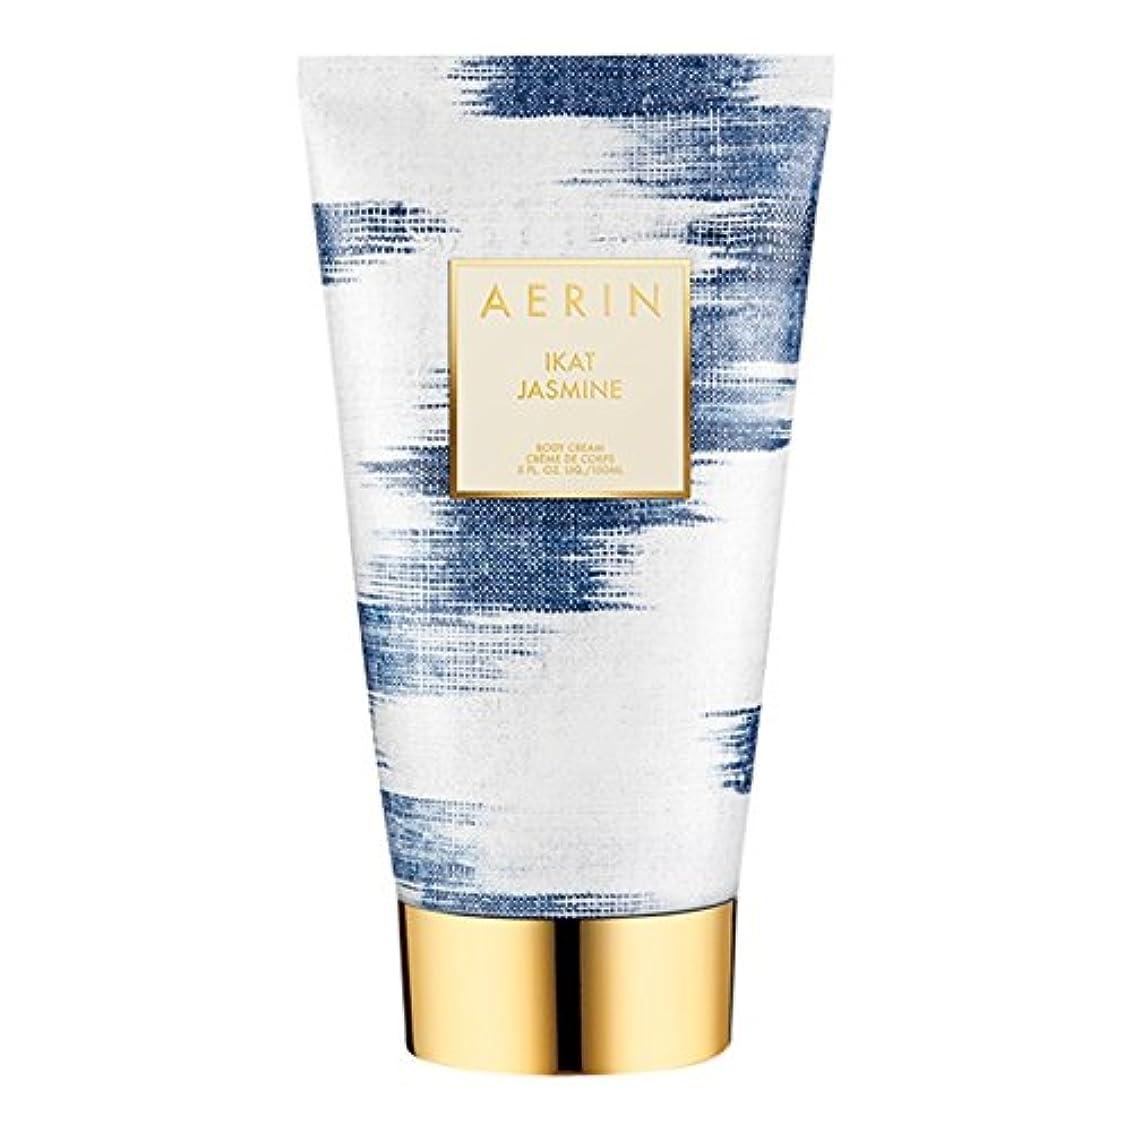 洞窟潜水艦振るうAerinイカットジャスミンボディクリーム150ミリリットル (AERIN) (x2) - AERIN Ikat Jasmine Body Cream 150ml (Pack of 2) [並行輸入品]